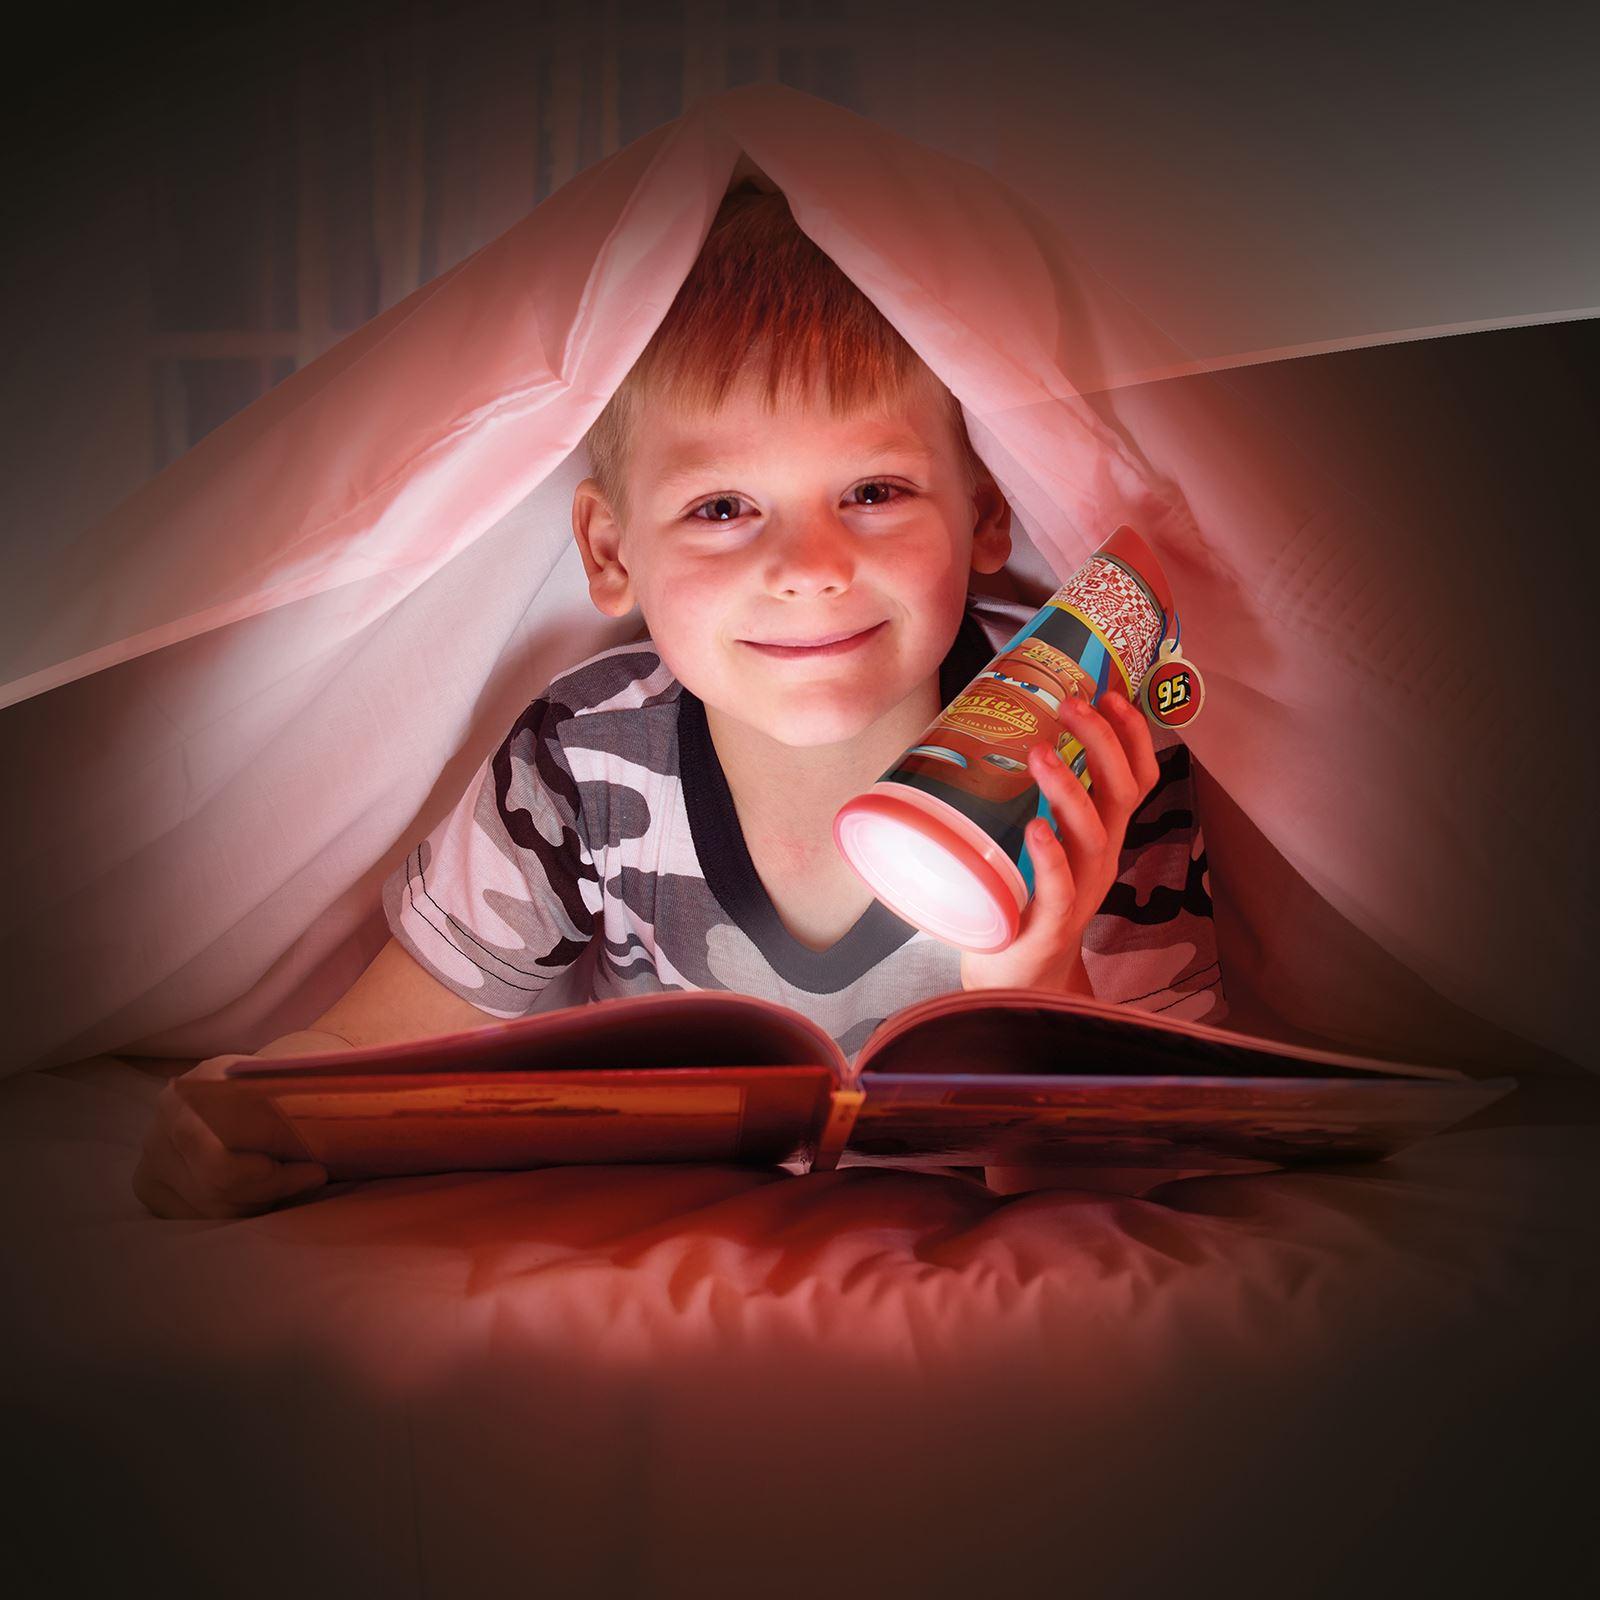 Indexbild 18 - Go Glow Nacht Beam Kipp Torch Beleuchtung Licht Kinder Schlafzimmer